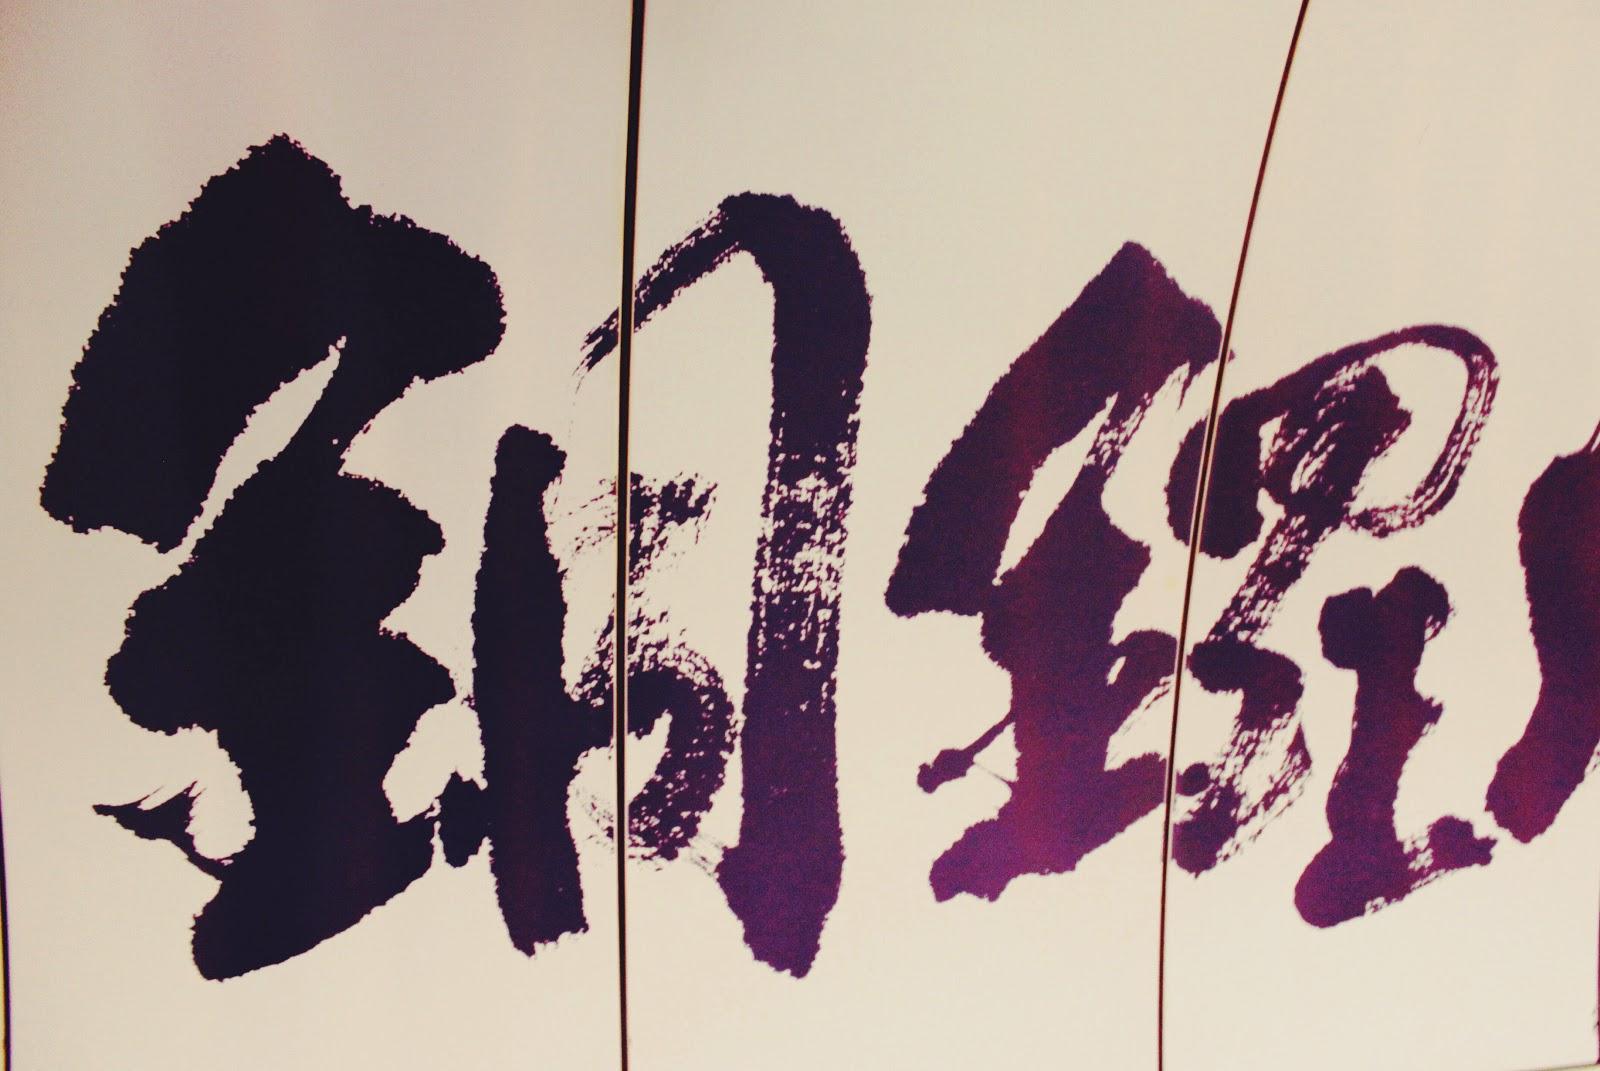 許留山 Hui Lao Shan @ 香港銅鑼灣怡和街 Yee Wo Street, Causeway Bay, Hong Kong